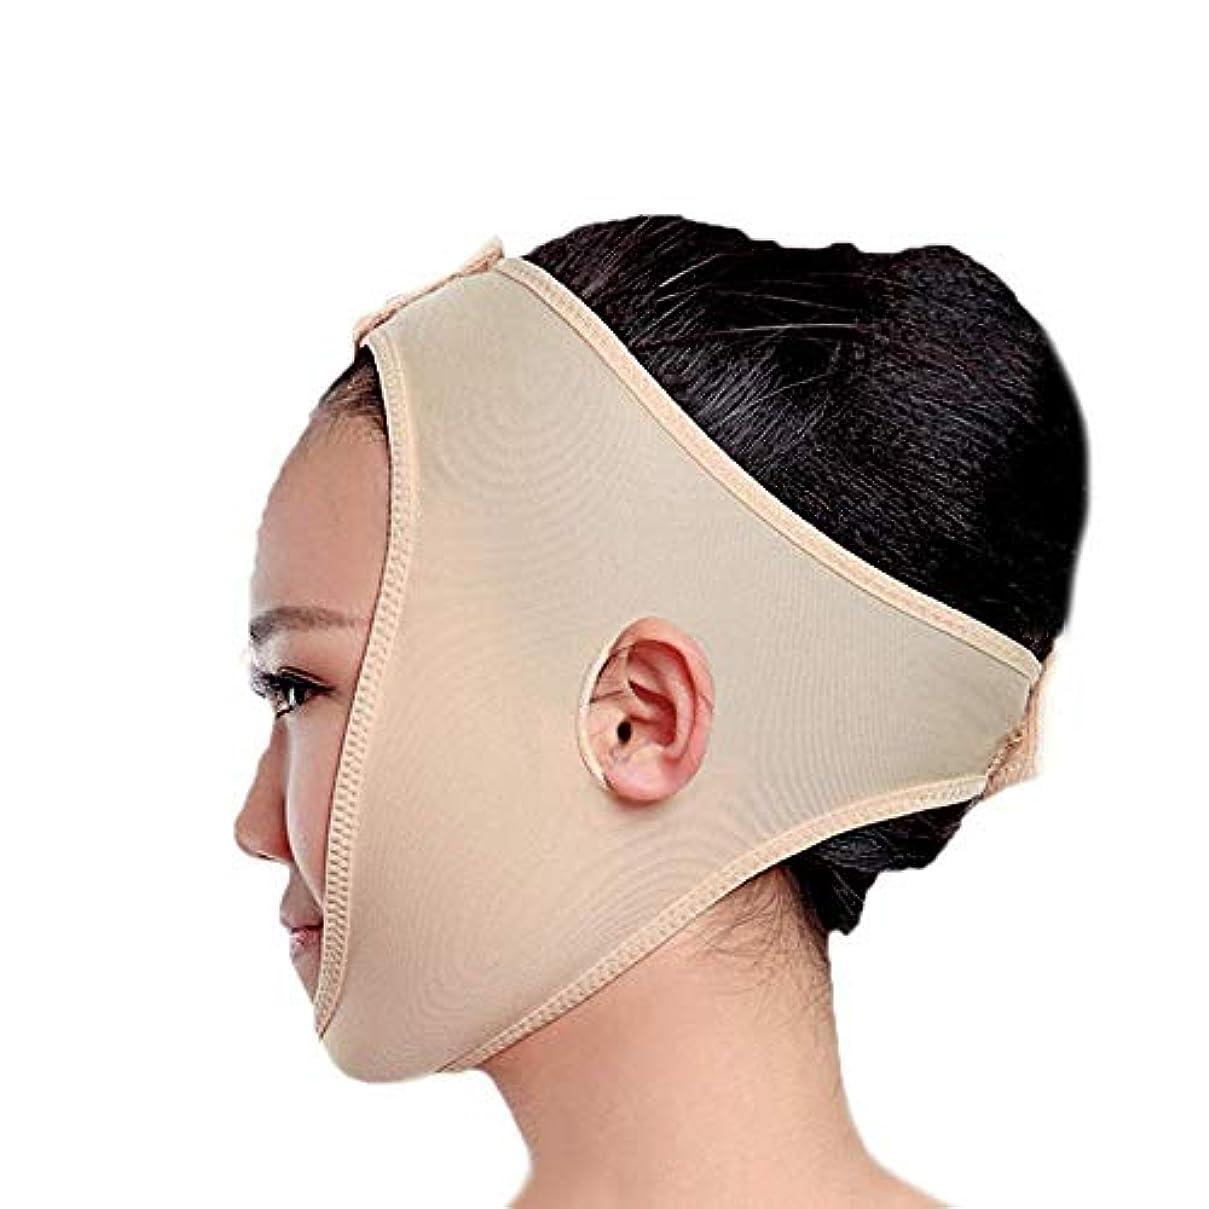 致命的な視線クレアフェイススリミングマスク、快適さと通気性、フェイシャルリフティング、輪郭の改善された硬さ、ファーミングとリフティングフェイス(カラー:ブラック、サイズ:XL),黄色がかったピンク2、S